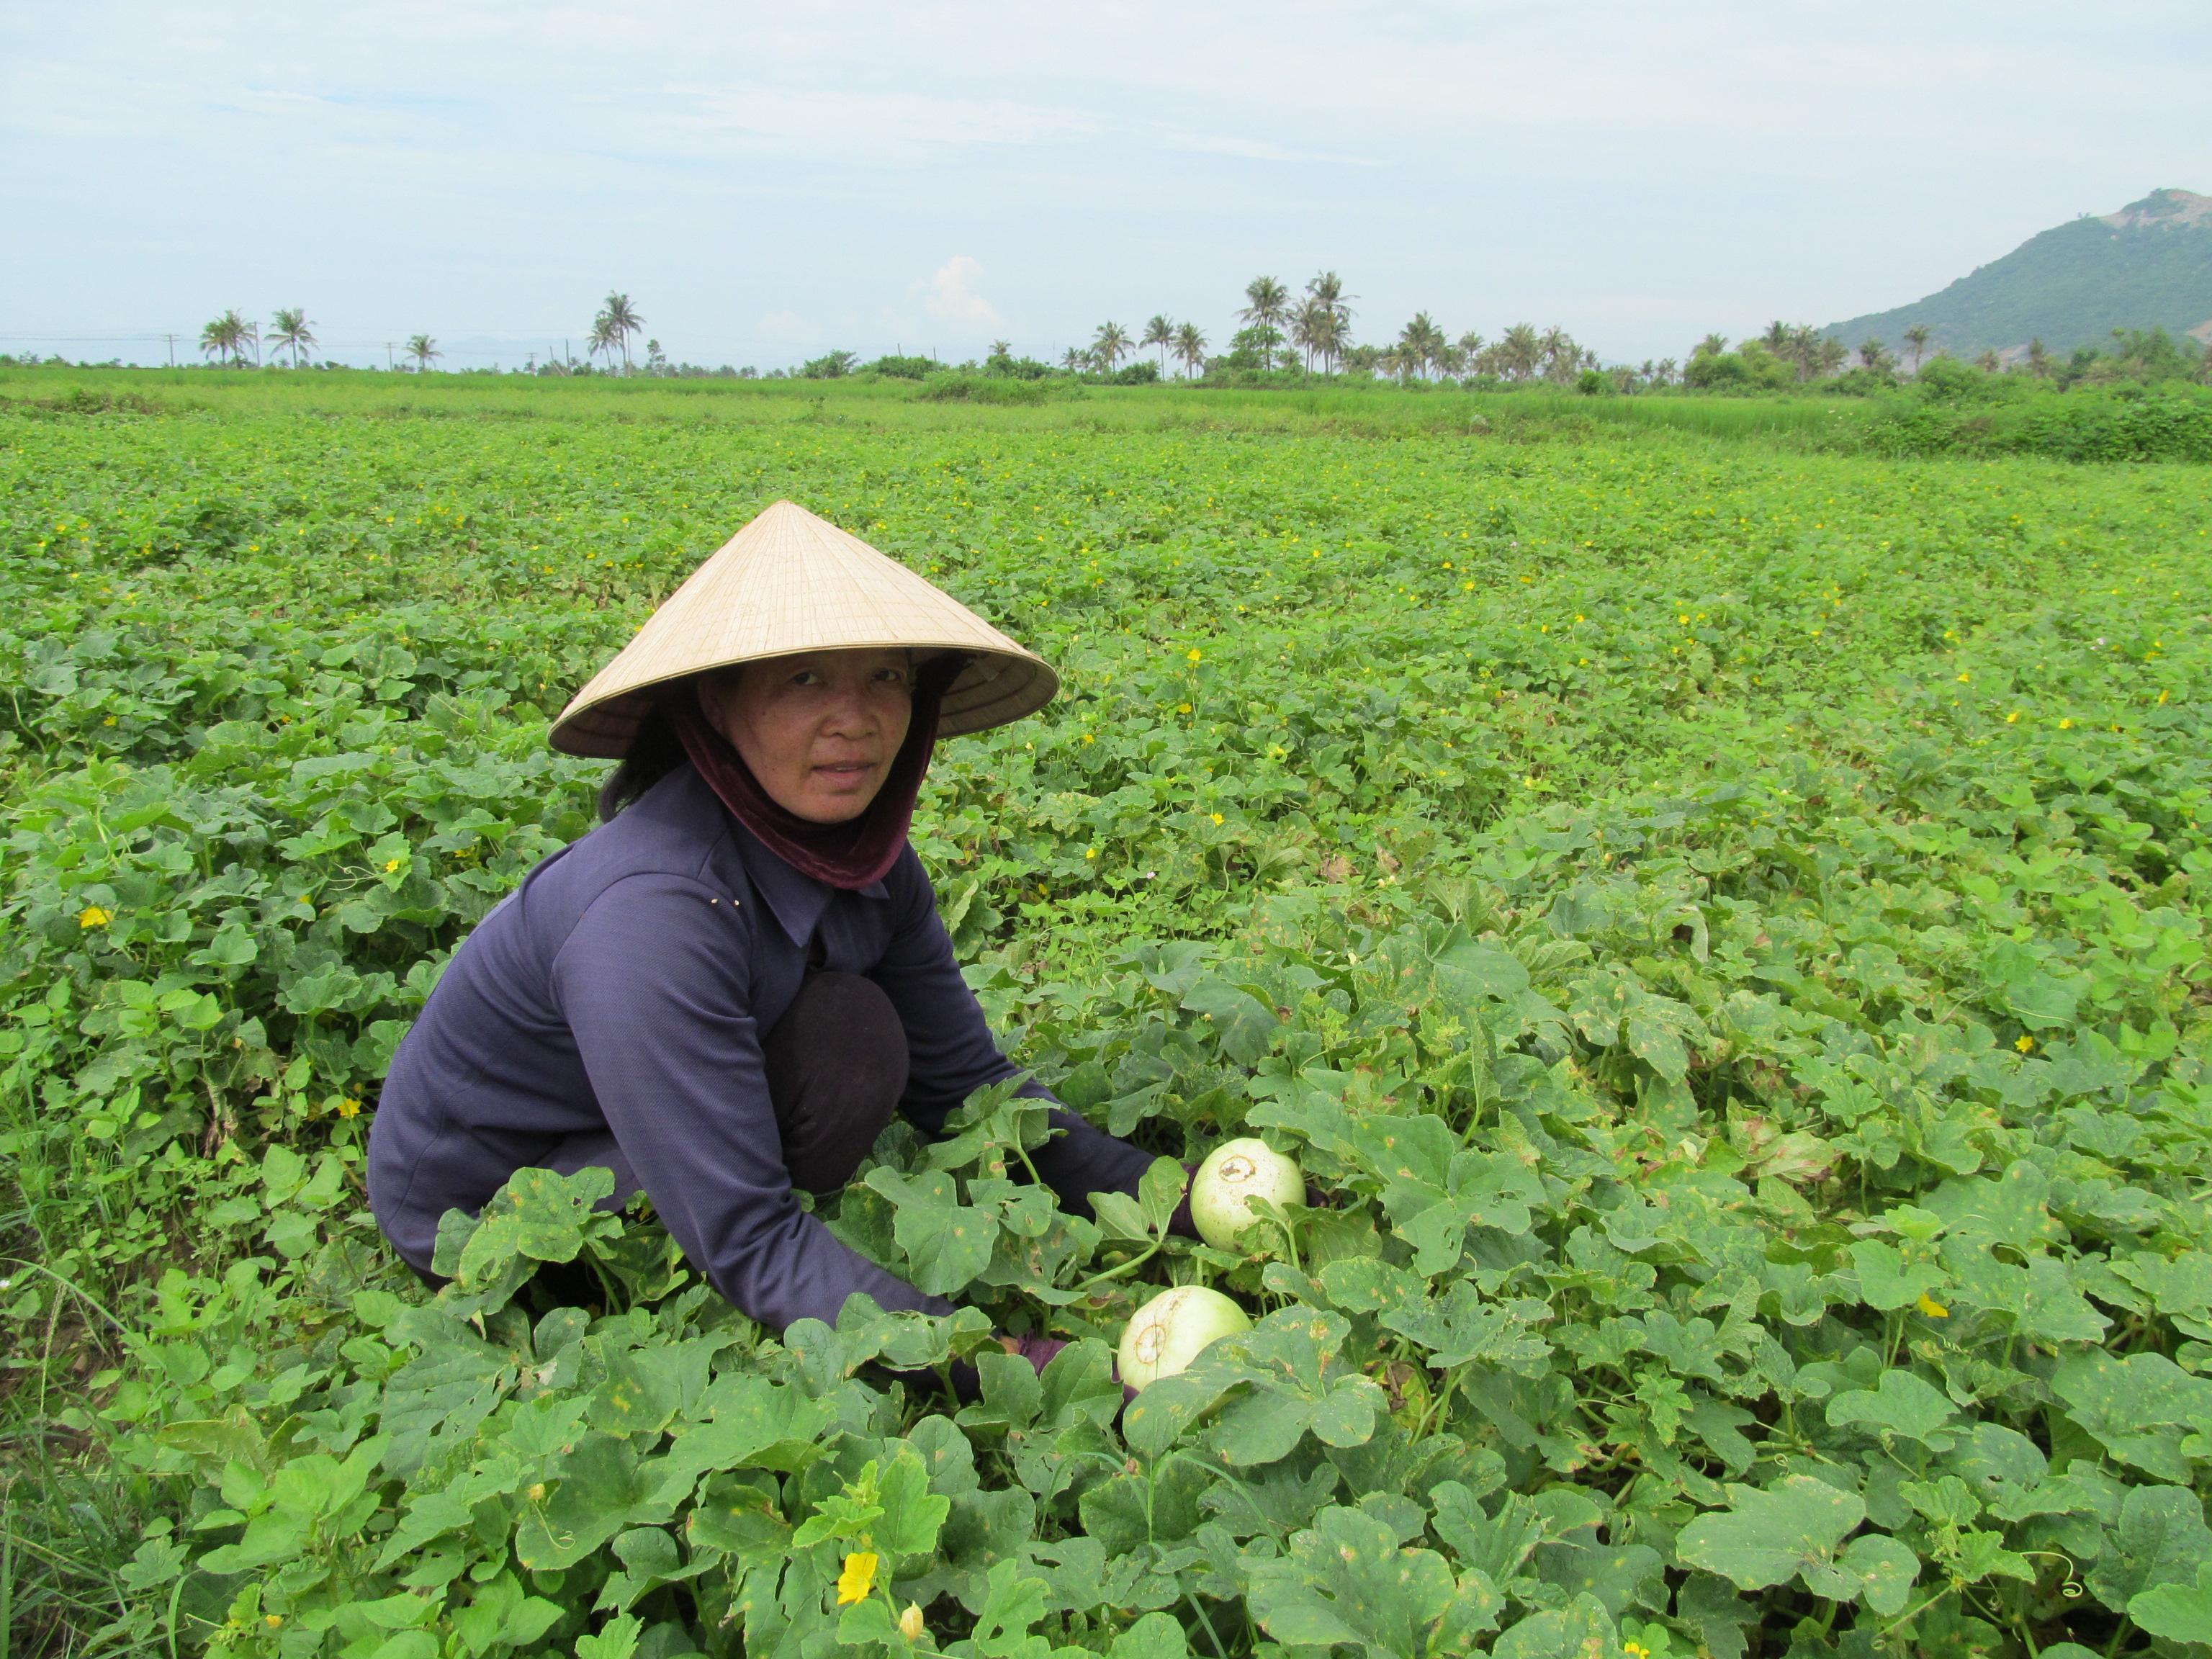 Kỹ thuật trồng dưa lê siêu ngọt cần chăm bón đúng cách và kịp thời